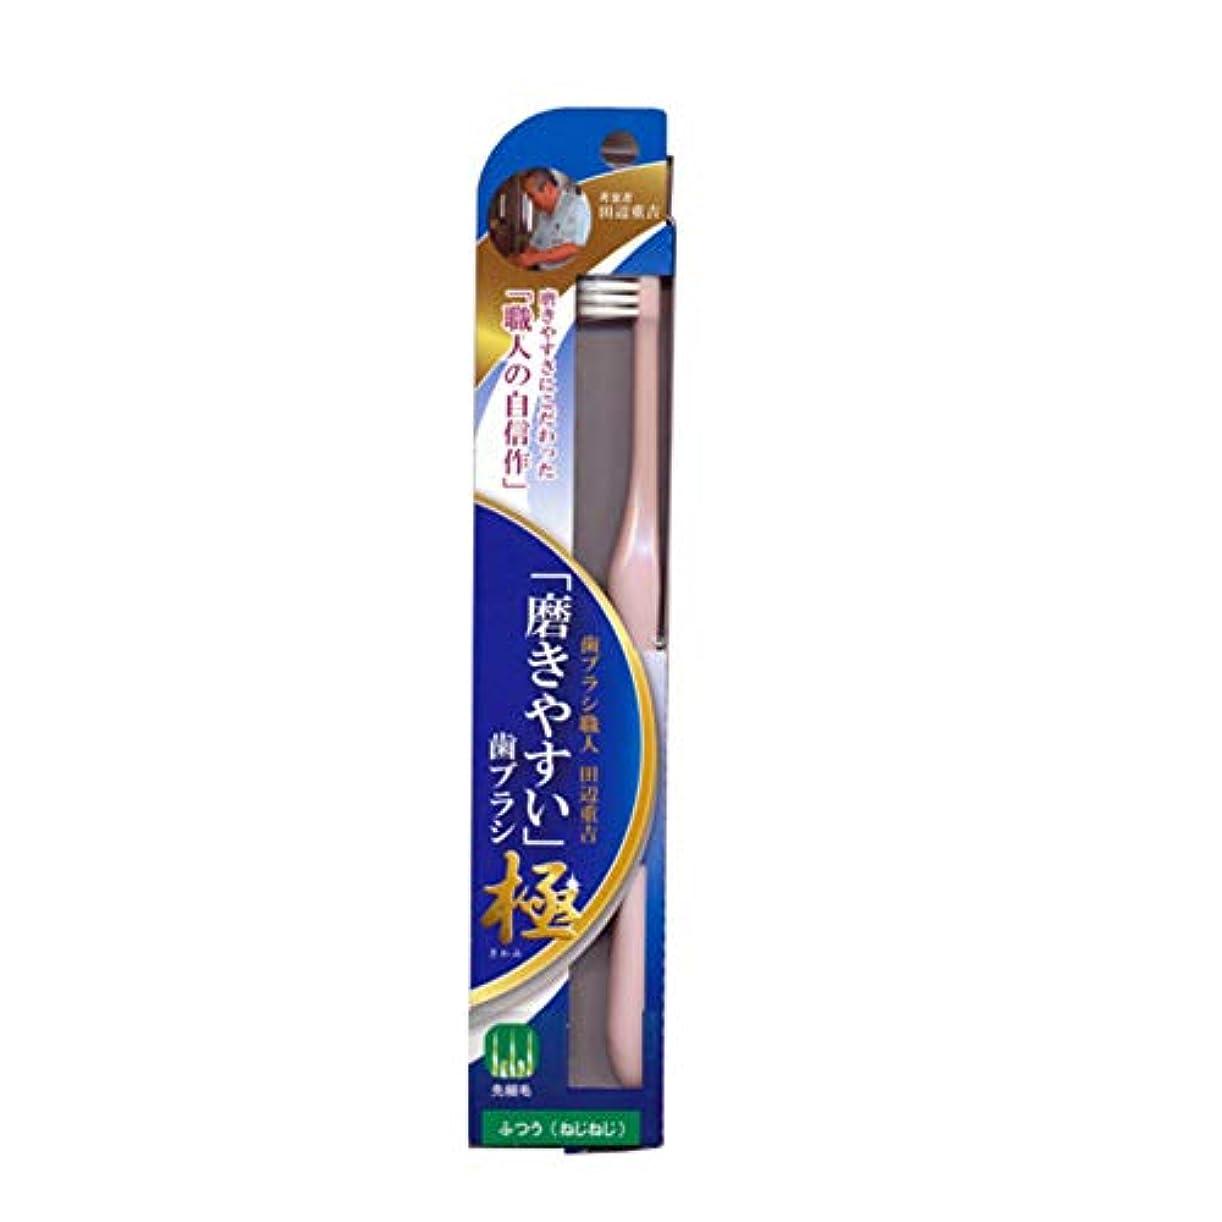 フォーラム本物の契約磨きやすい歯ブラシ極 (ふつう ねじねじ) LT-45 先細毛(色選択不可)